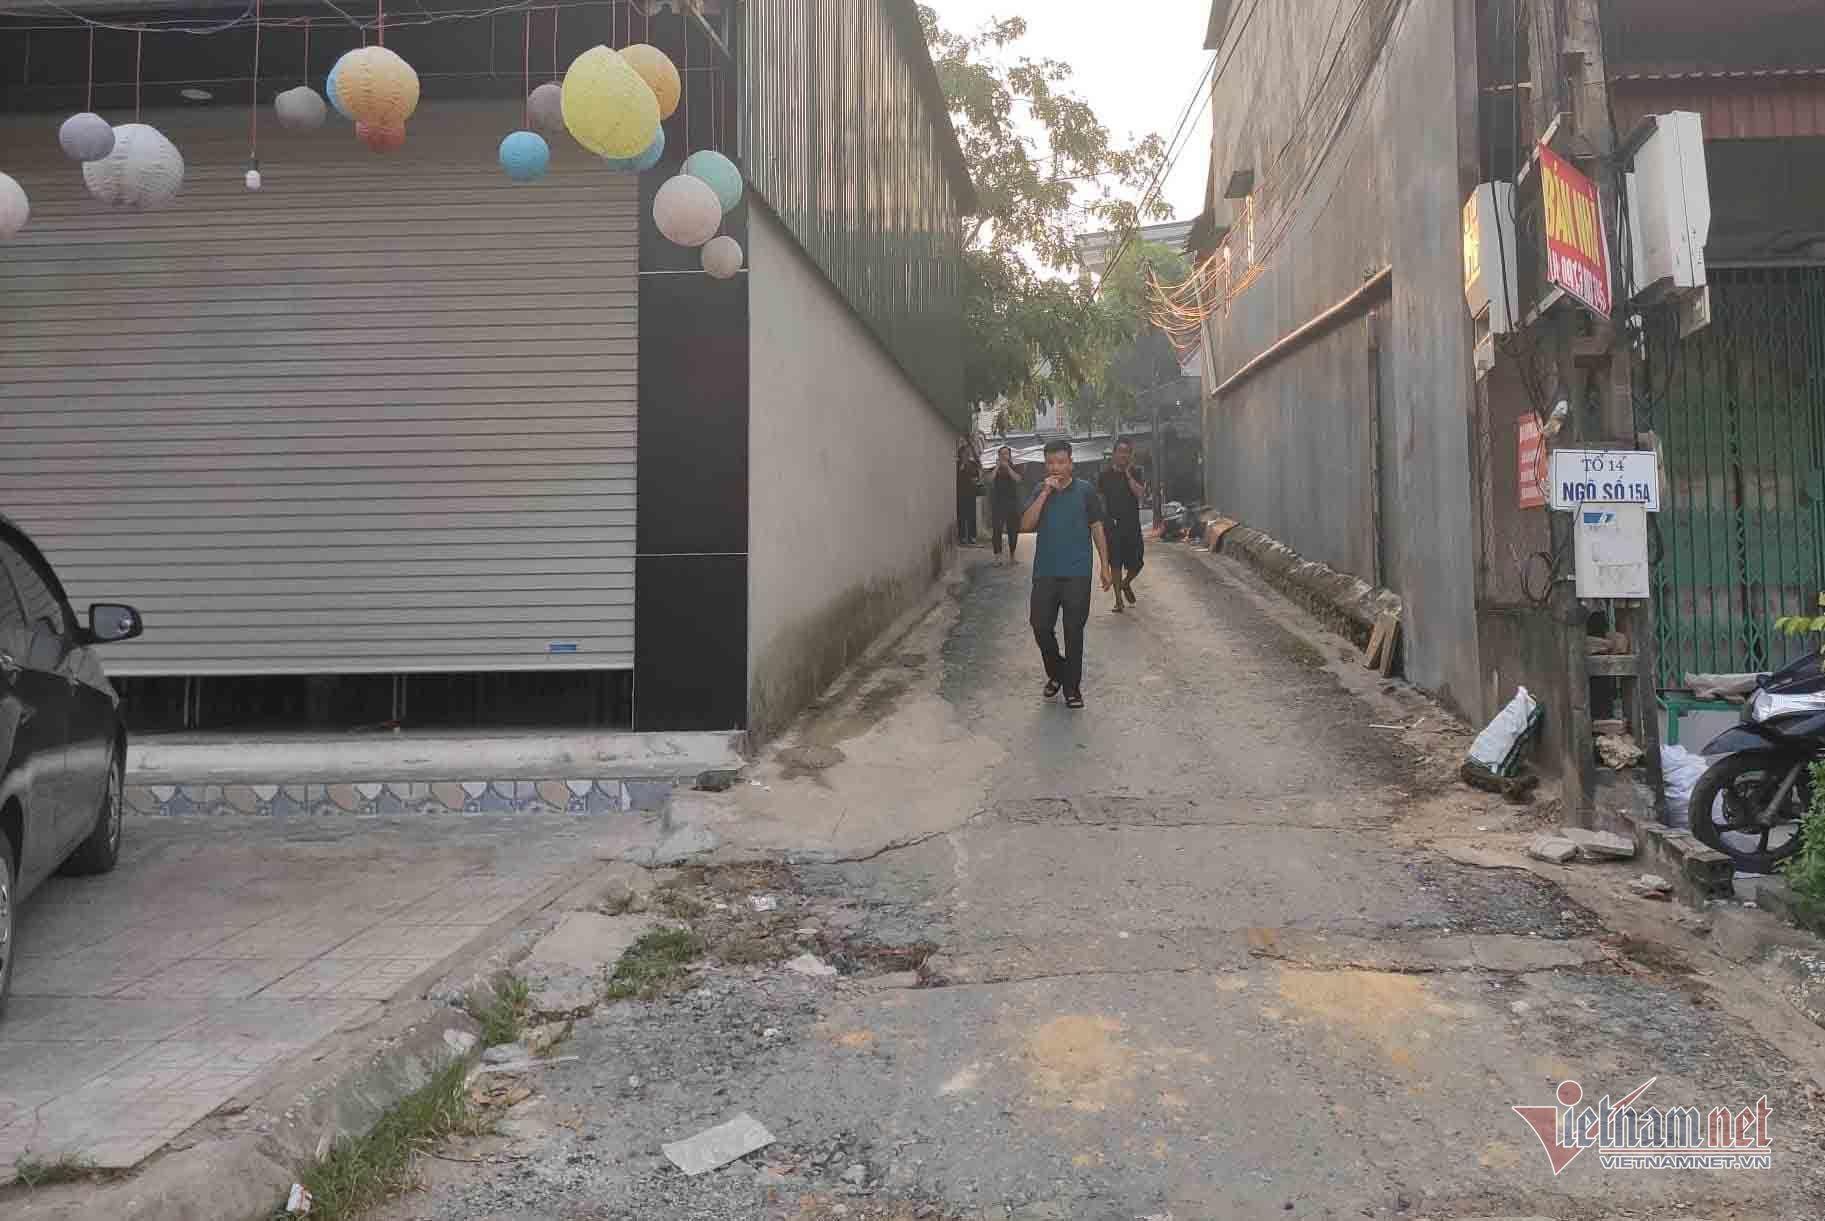 VZN News: Án mạng ở Thái Nguyên, đối tượng đã mua sẵn chỗ để chôn mình-1